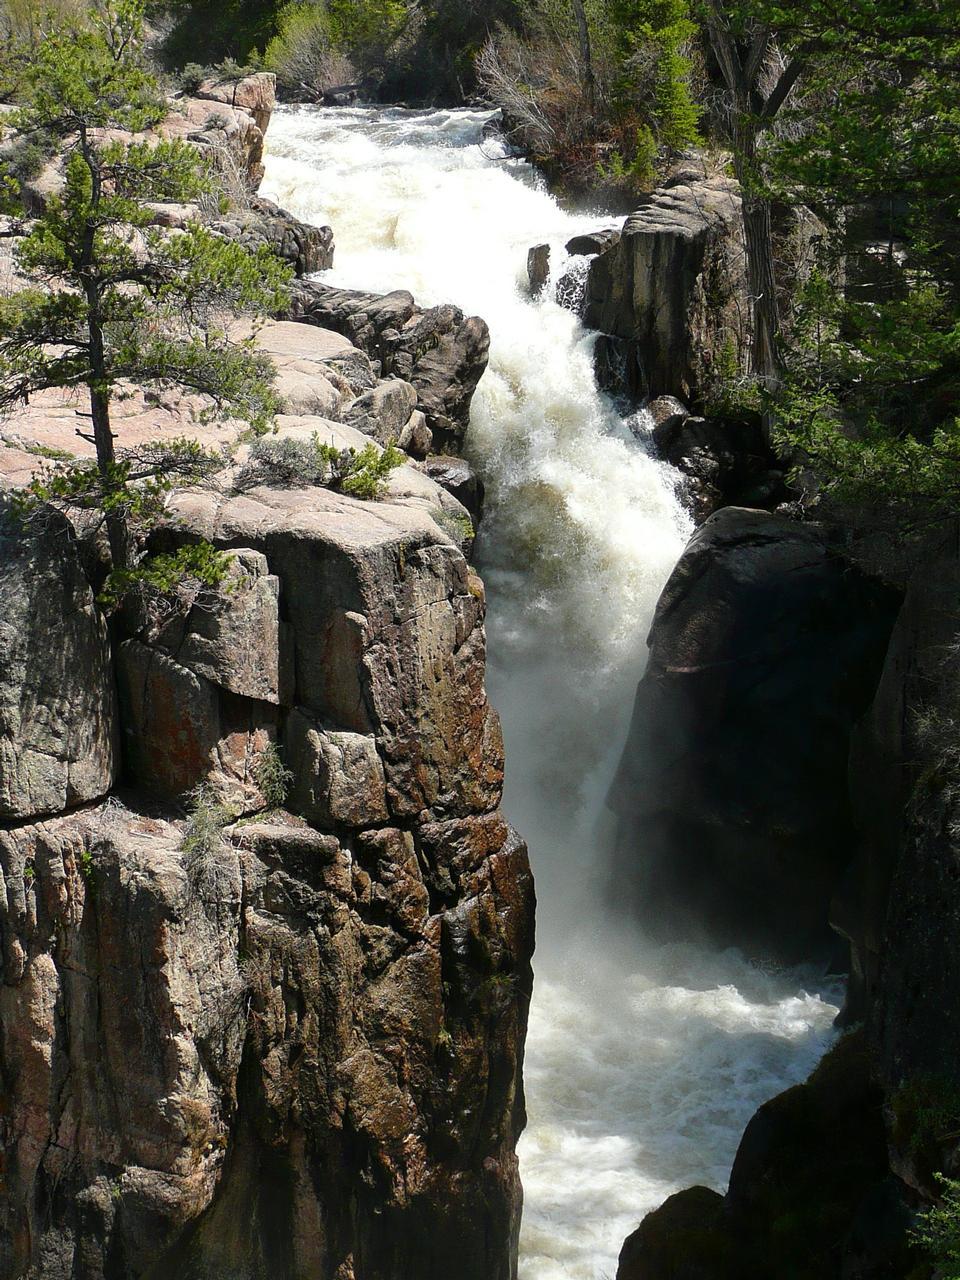 Атабаска водопад, Национальный парк Джаспер, Альберта, Канада